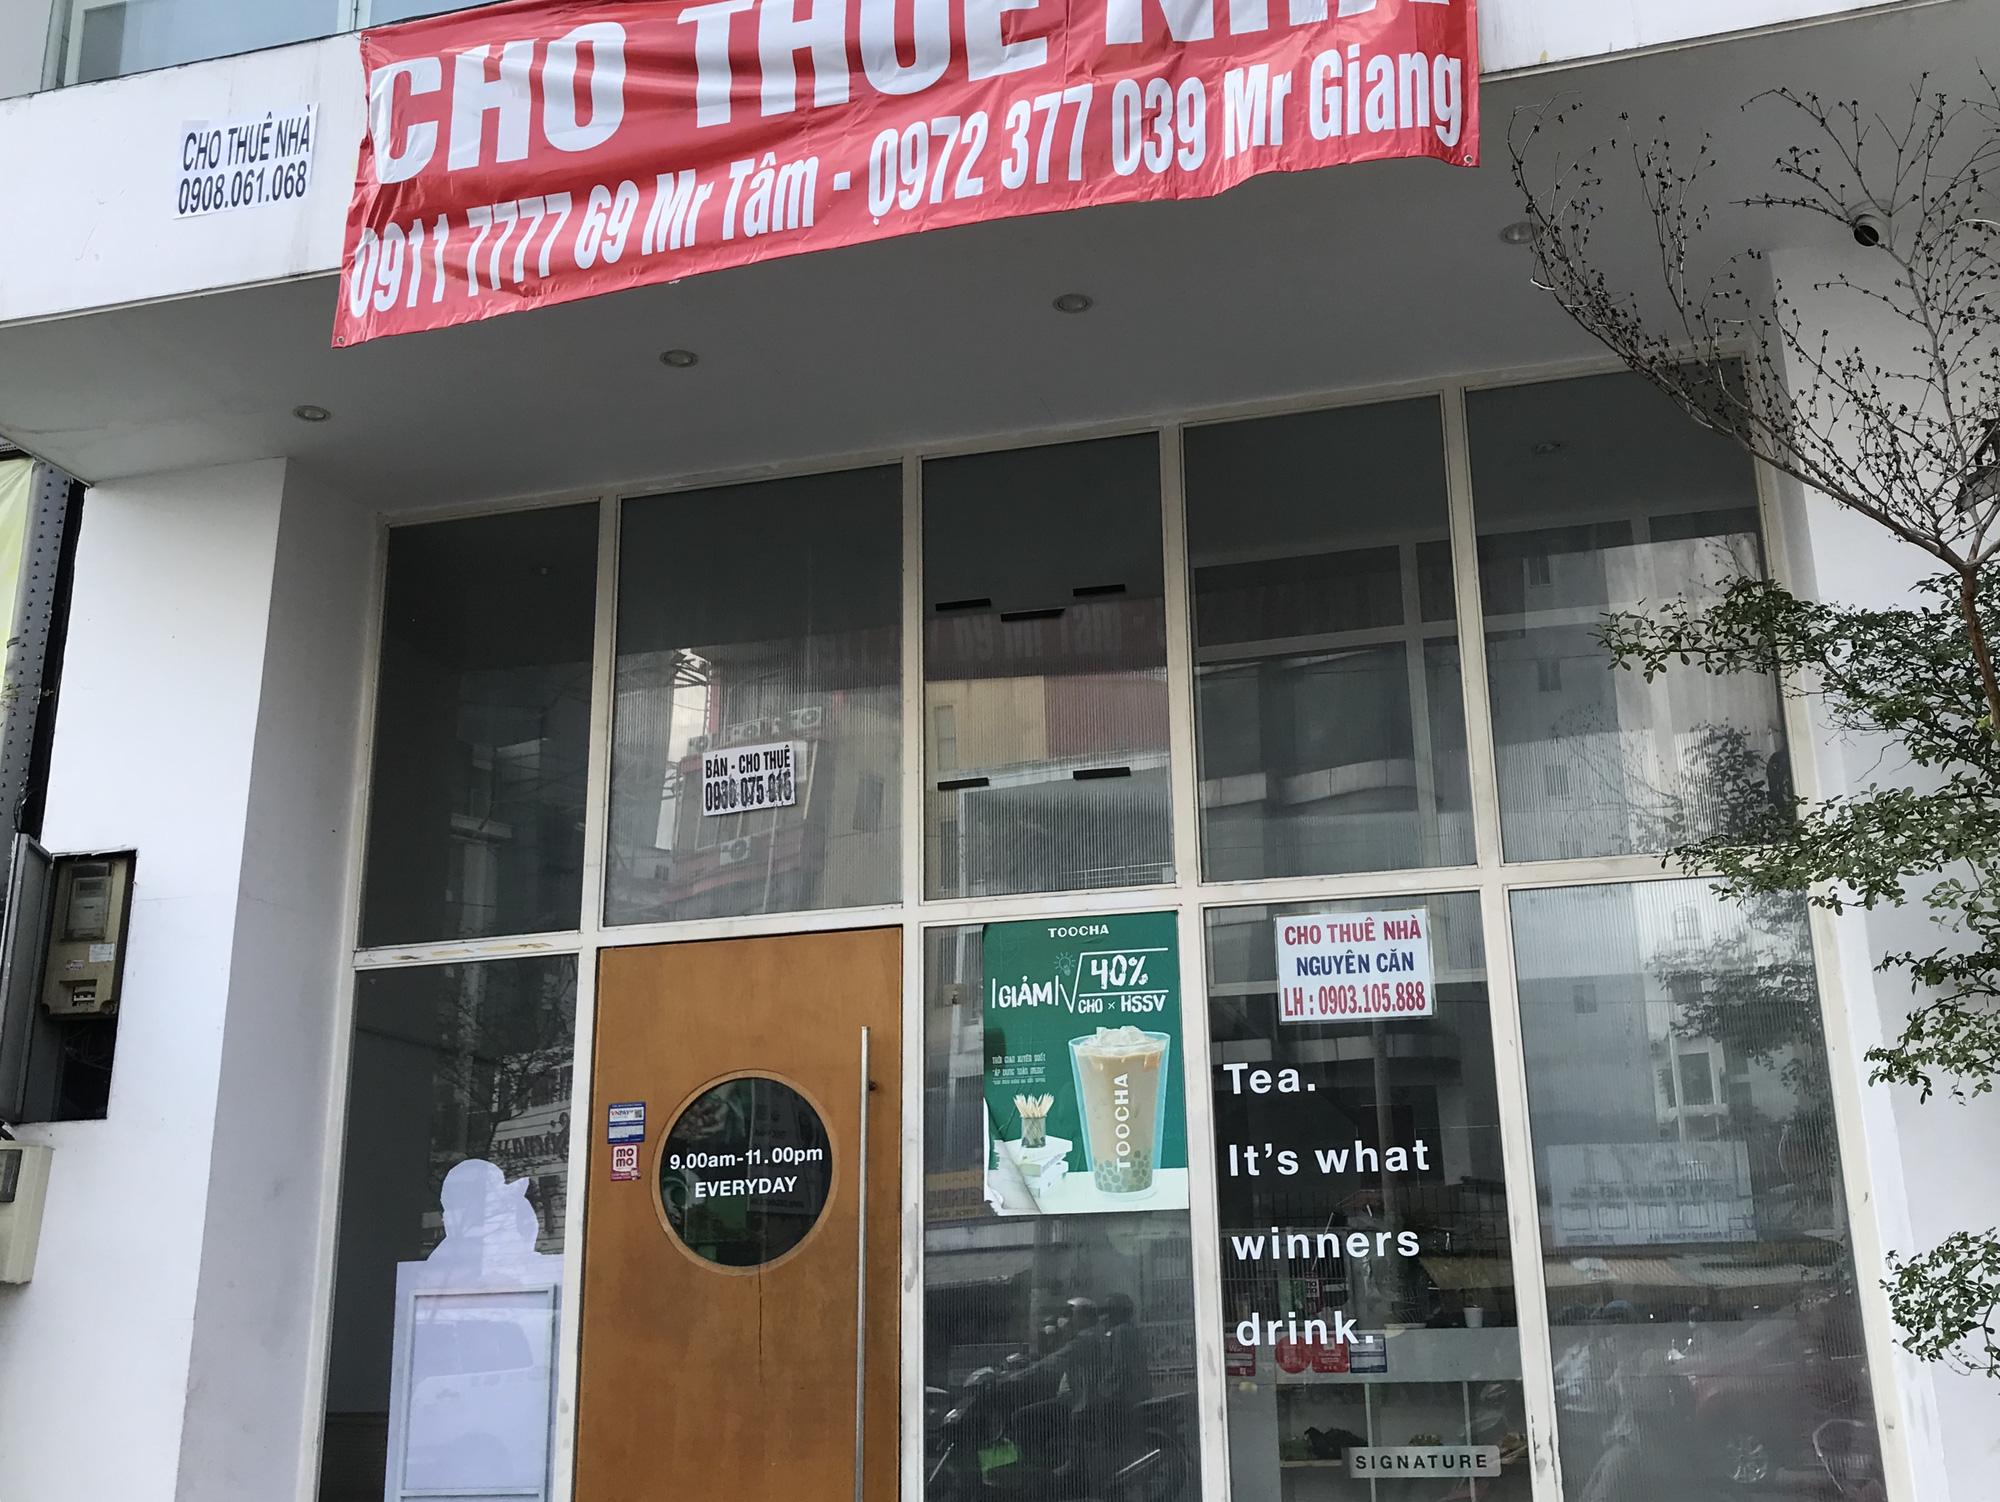 Hình ảnh loạt cửa hàng Toocha, sữa đậu nành Mr Bean của Shark Thủy, thậm chí 7-Eleven cũng đóng cửa vì Covid-19 - Ảnh 6.